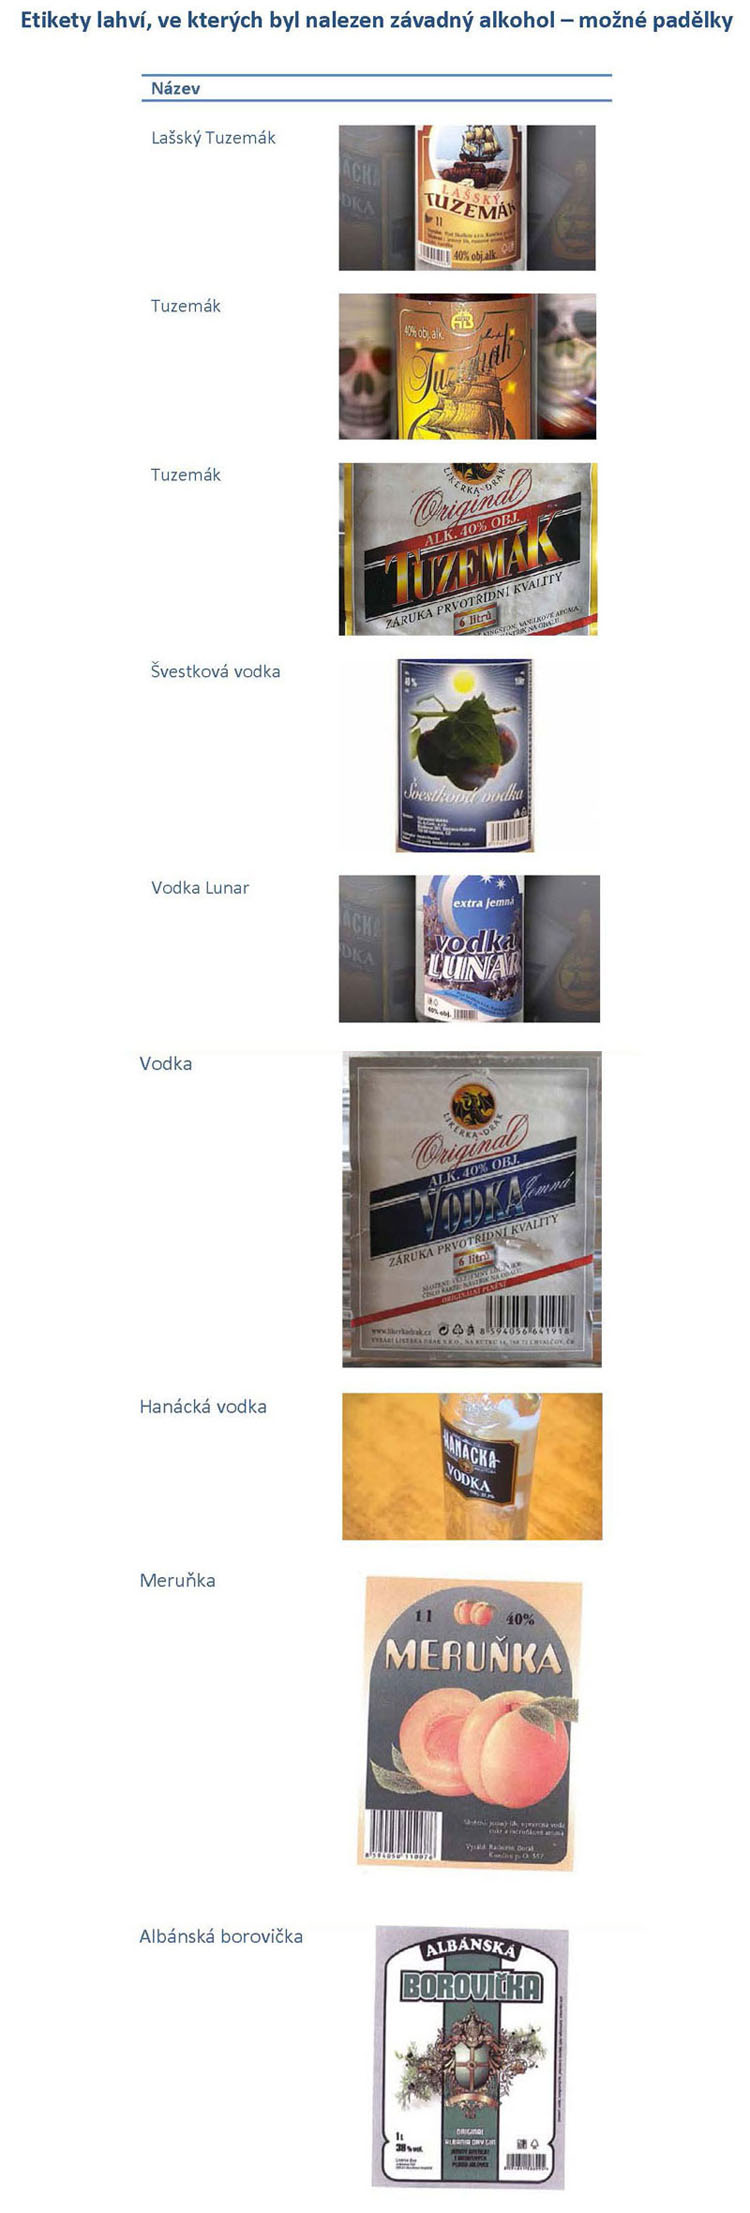 Национална акция за опасен алкохол